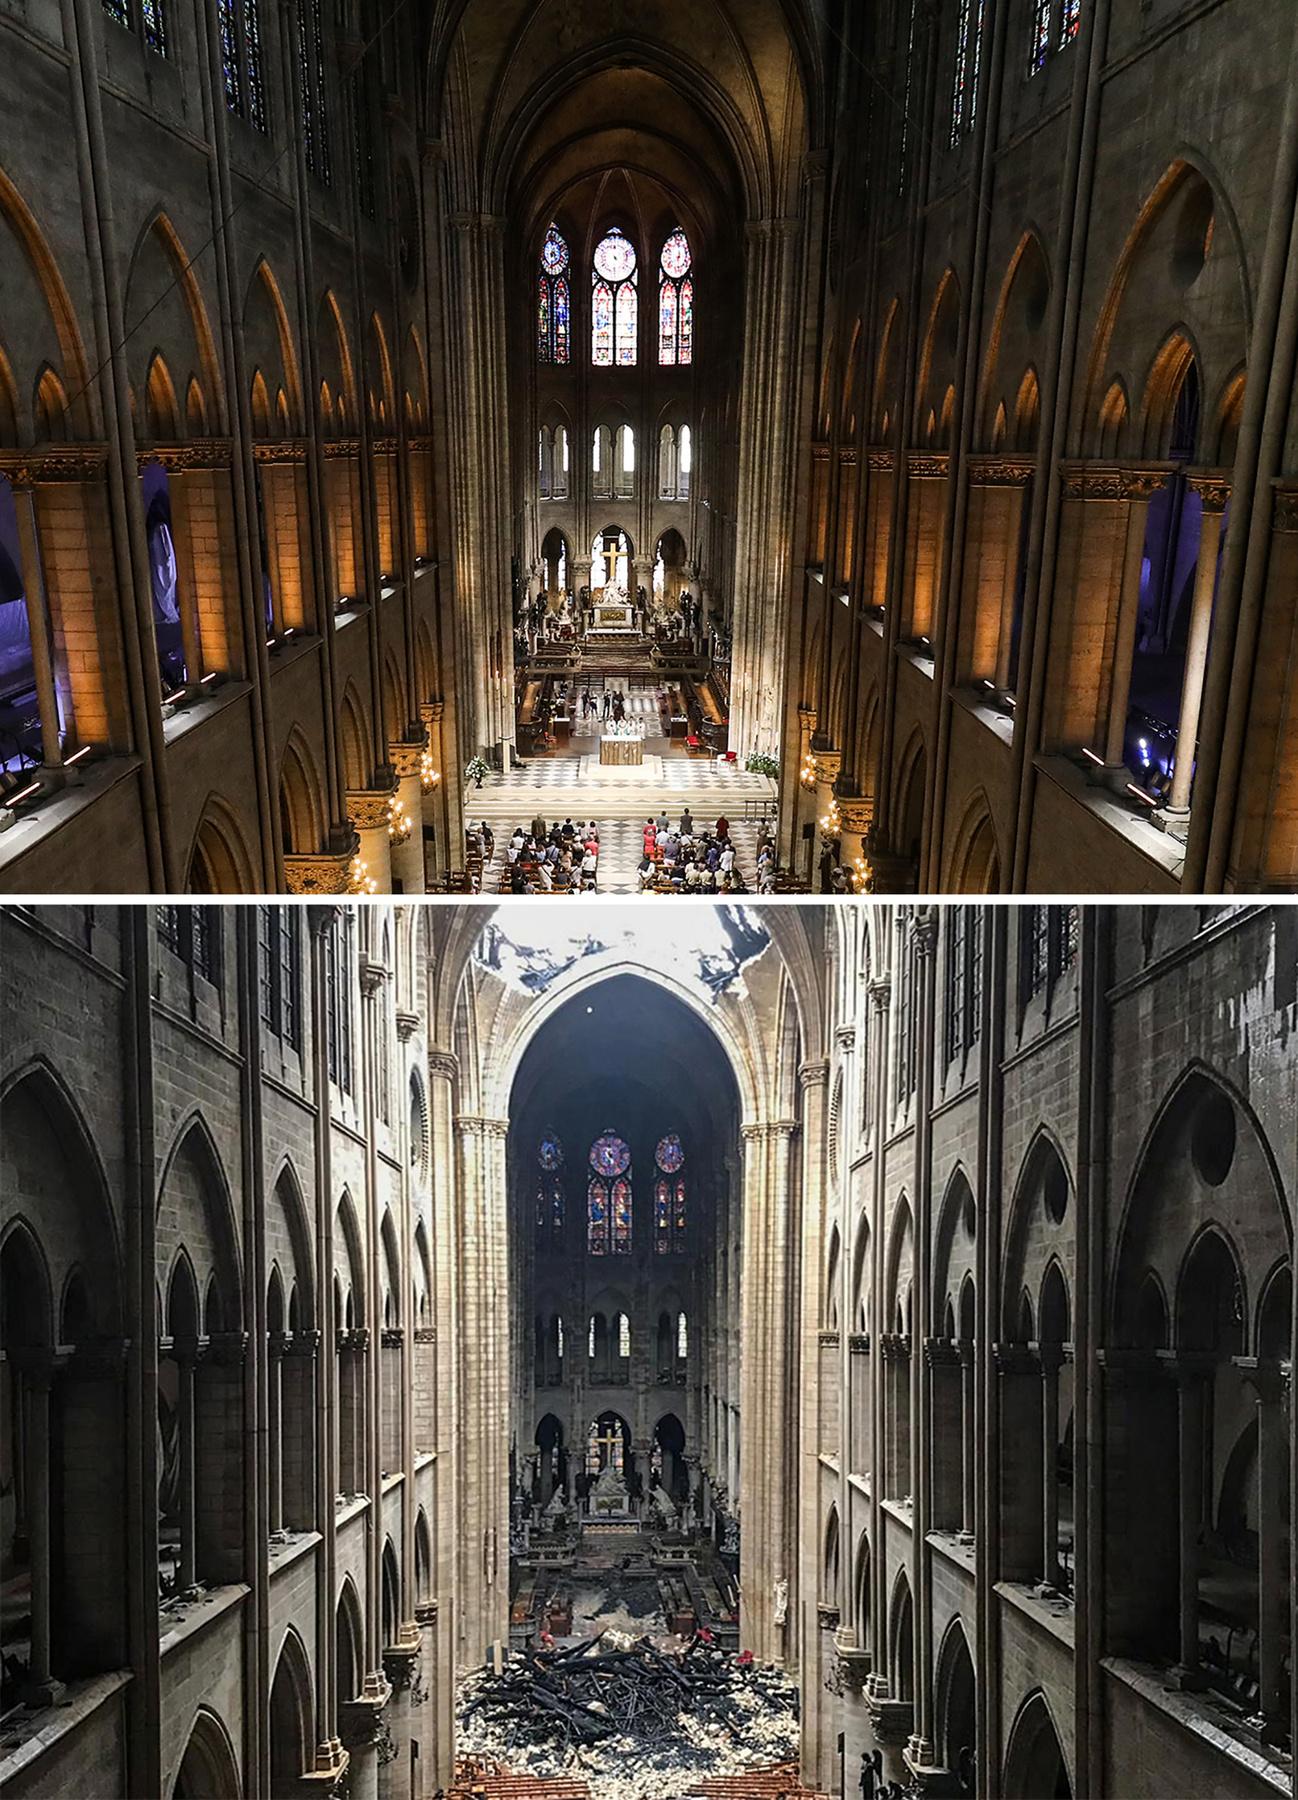 A homályos belső térben most rengeteg a természetes fény. Az első munkafázis az épület stabilitásának biztosítása és a törmelék átfésülése lesz.